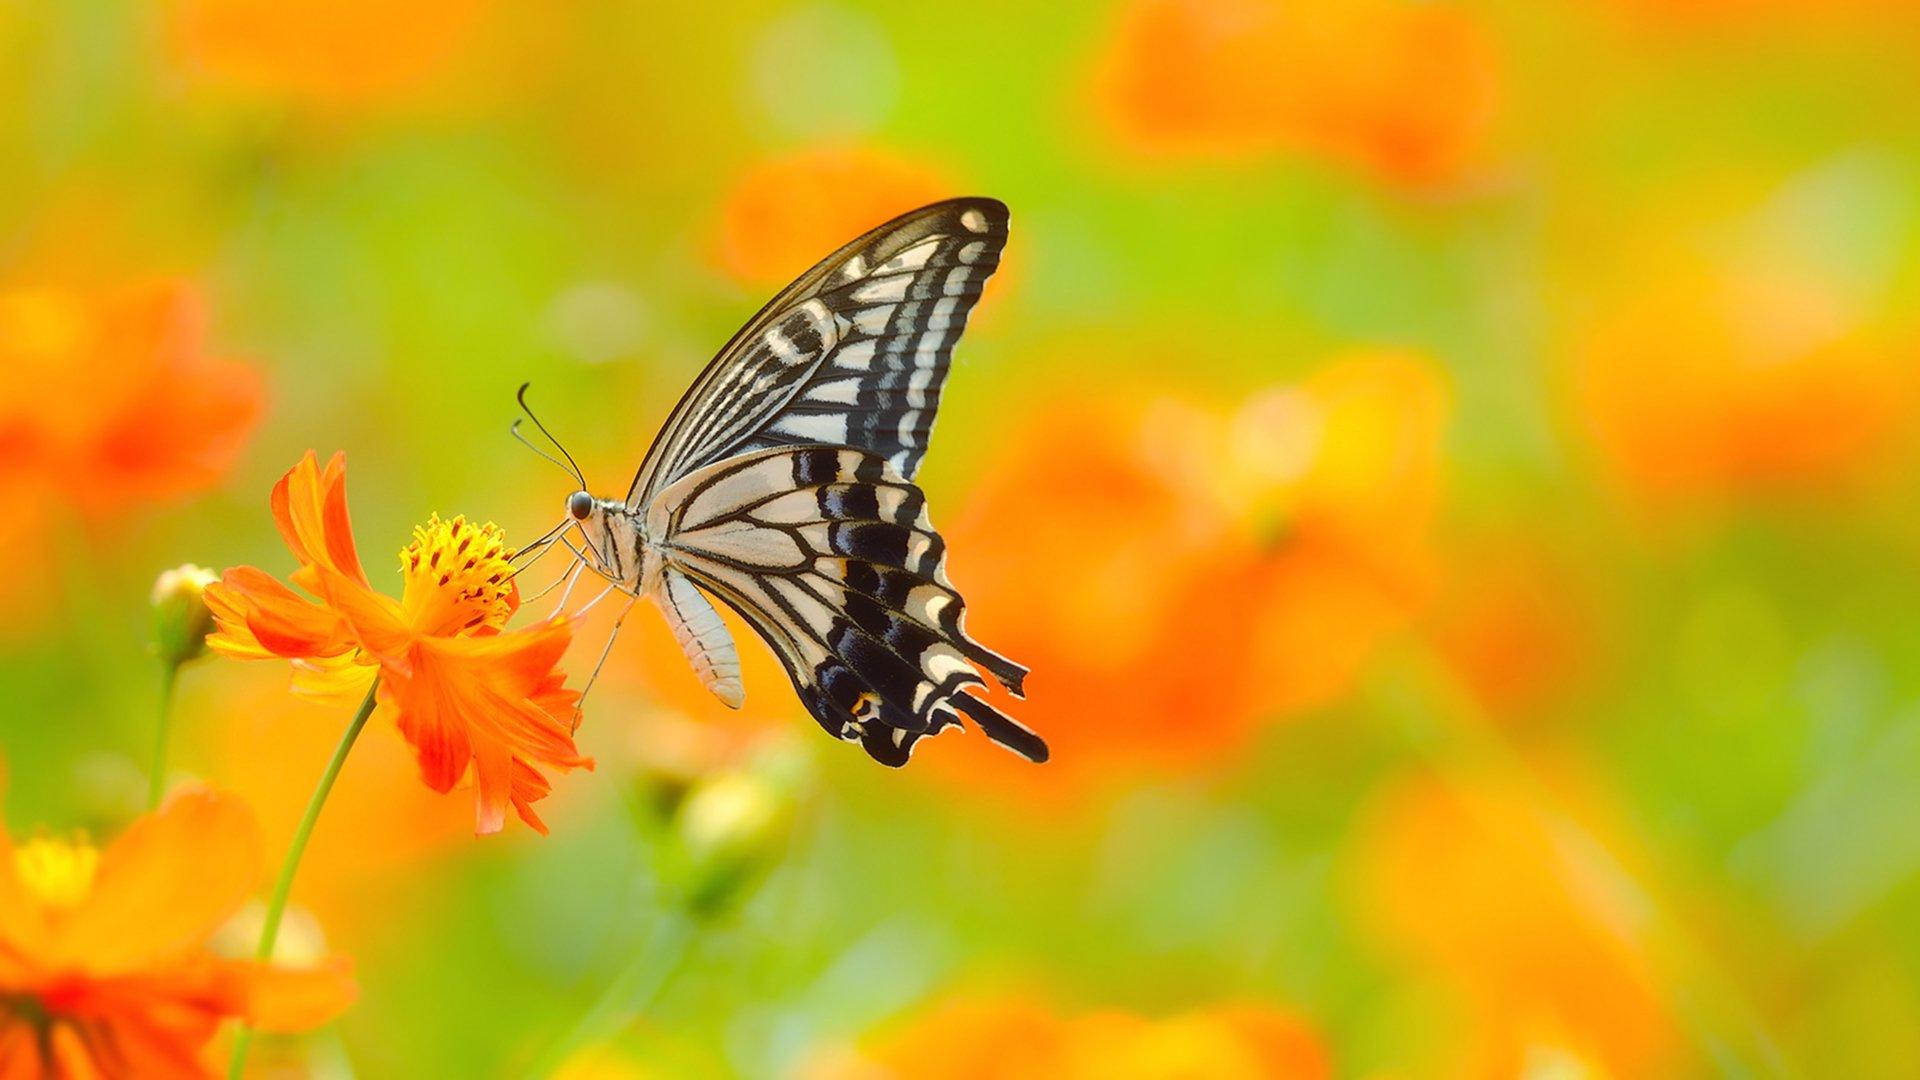 Imagenes De Mariposas De Colores: Fotos De Mariposas, Imágenes De Mariposas De Colores Gratis